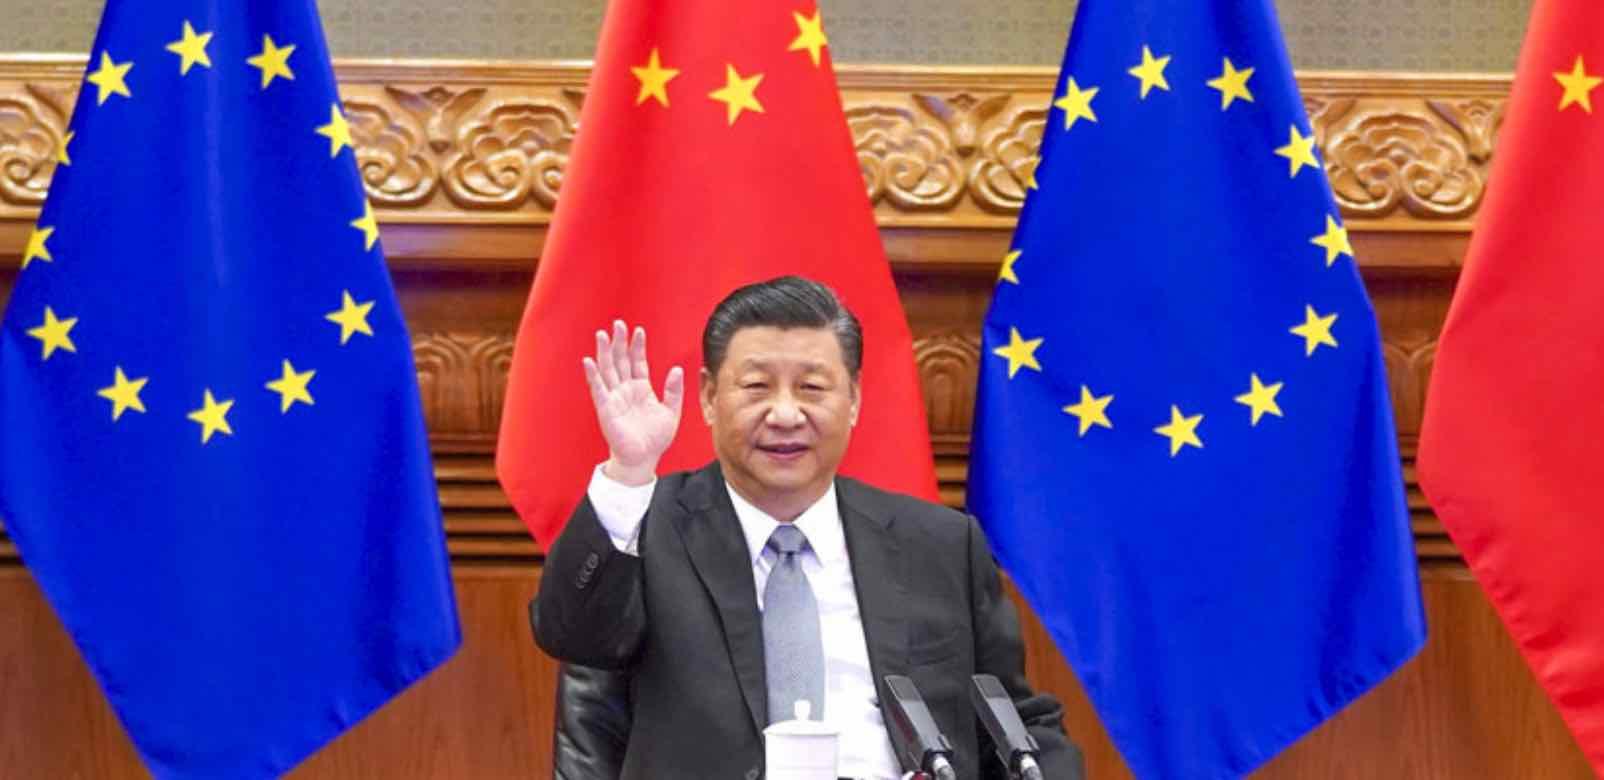 Acuerdo comercial entre China y Europa